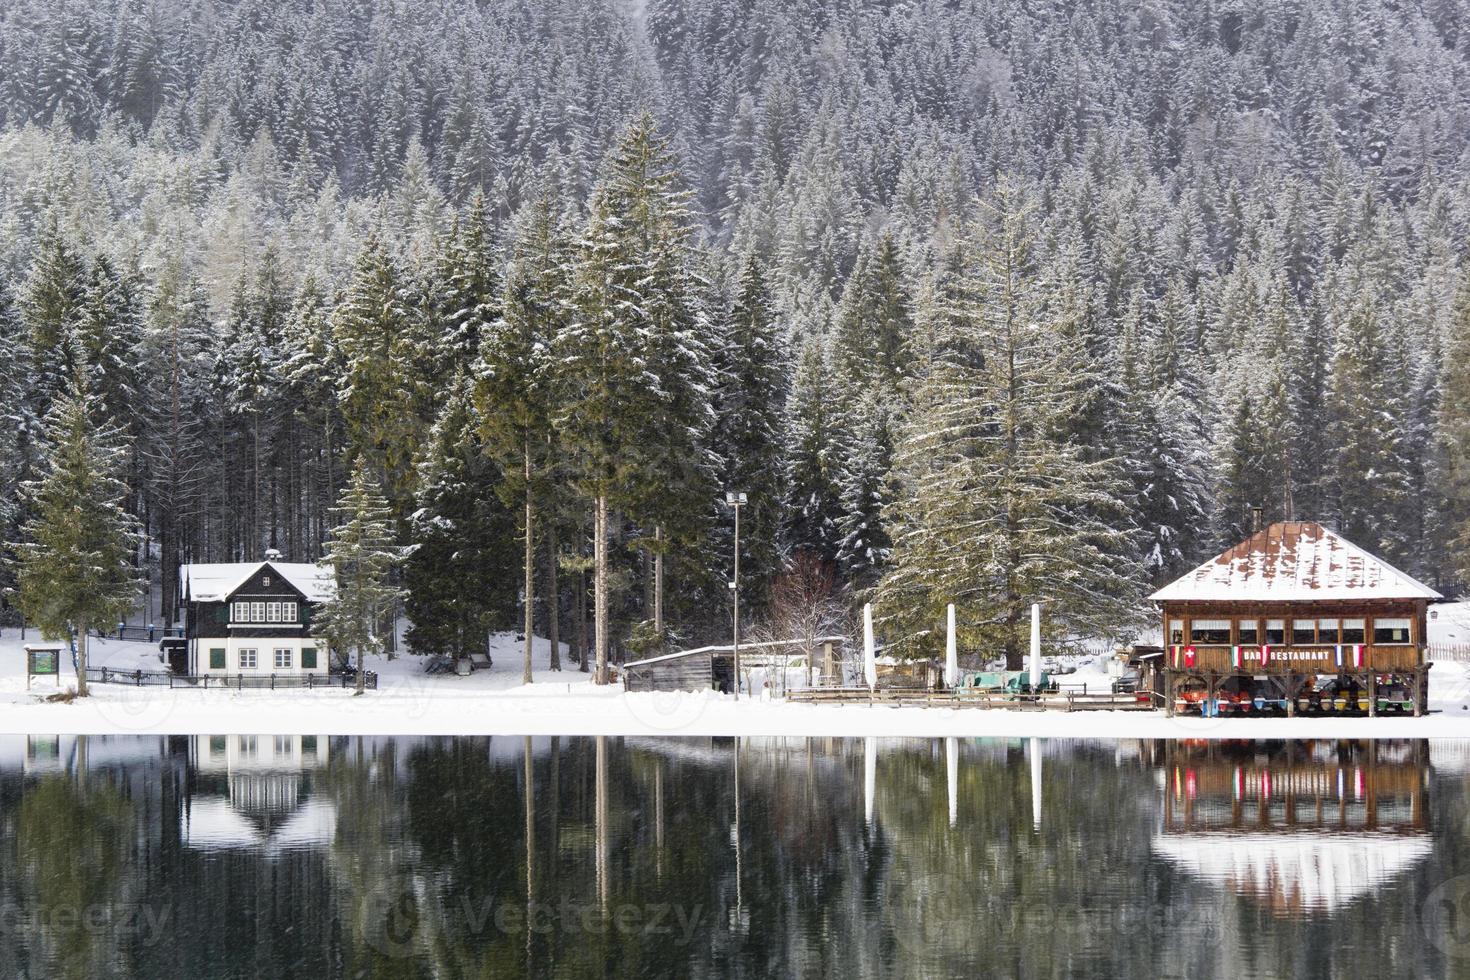 Lago congelado foto